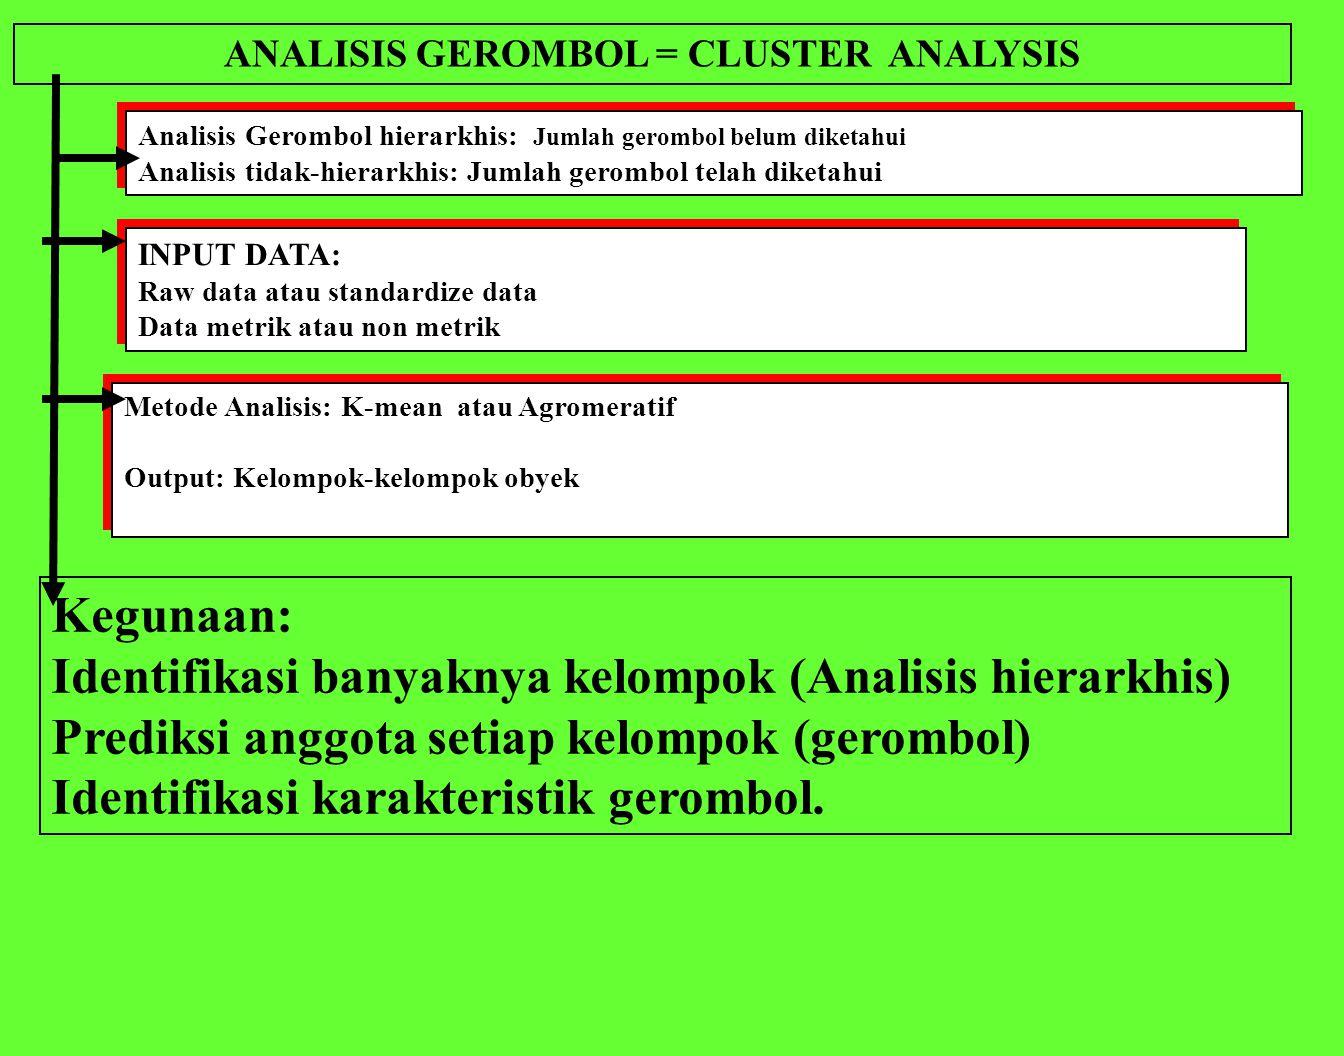 ANALISIS GEROMBOL = CLUSTER ANALYSIS